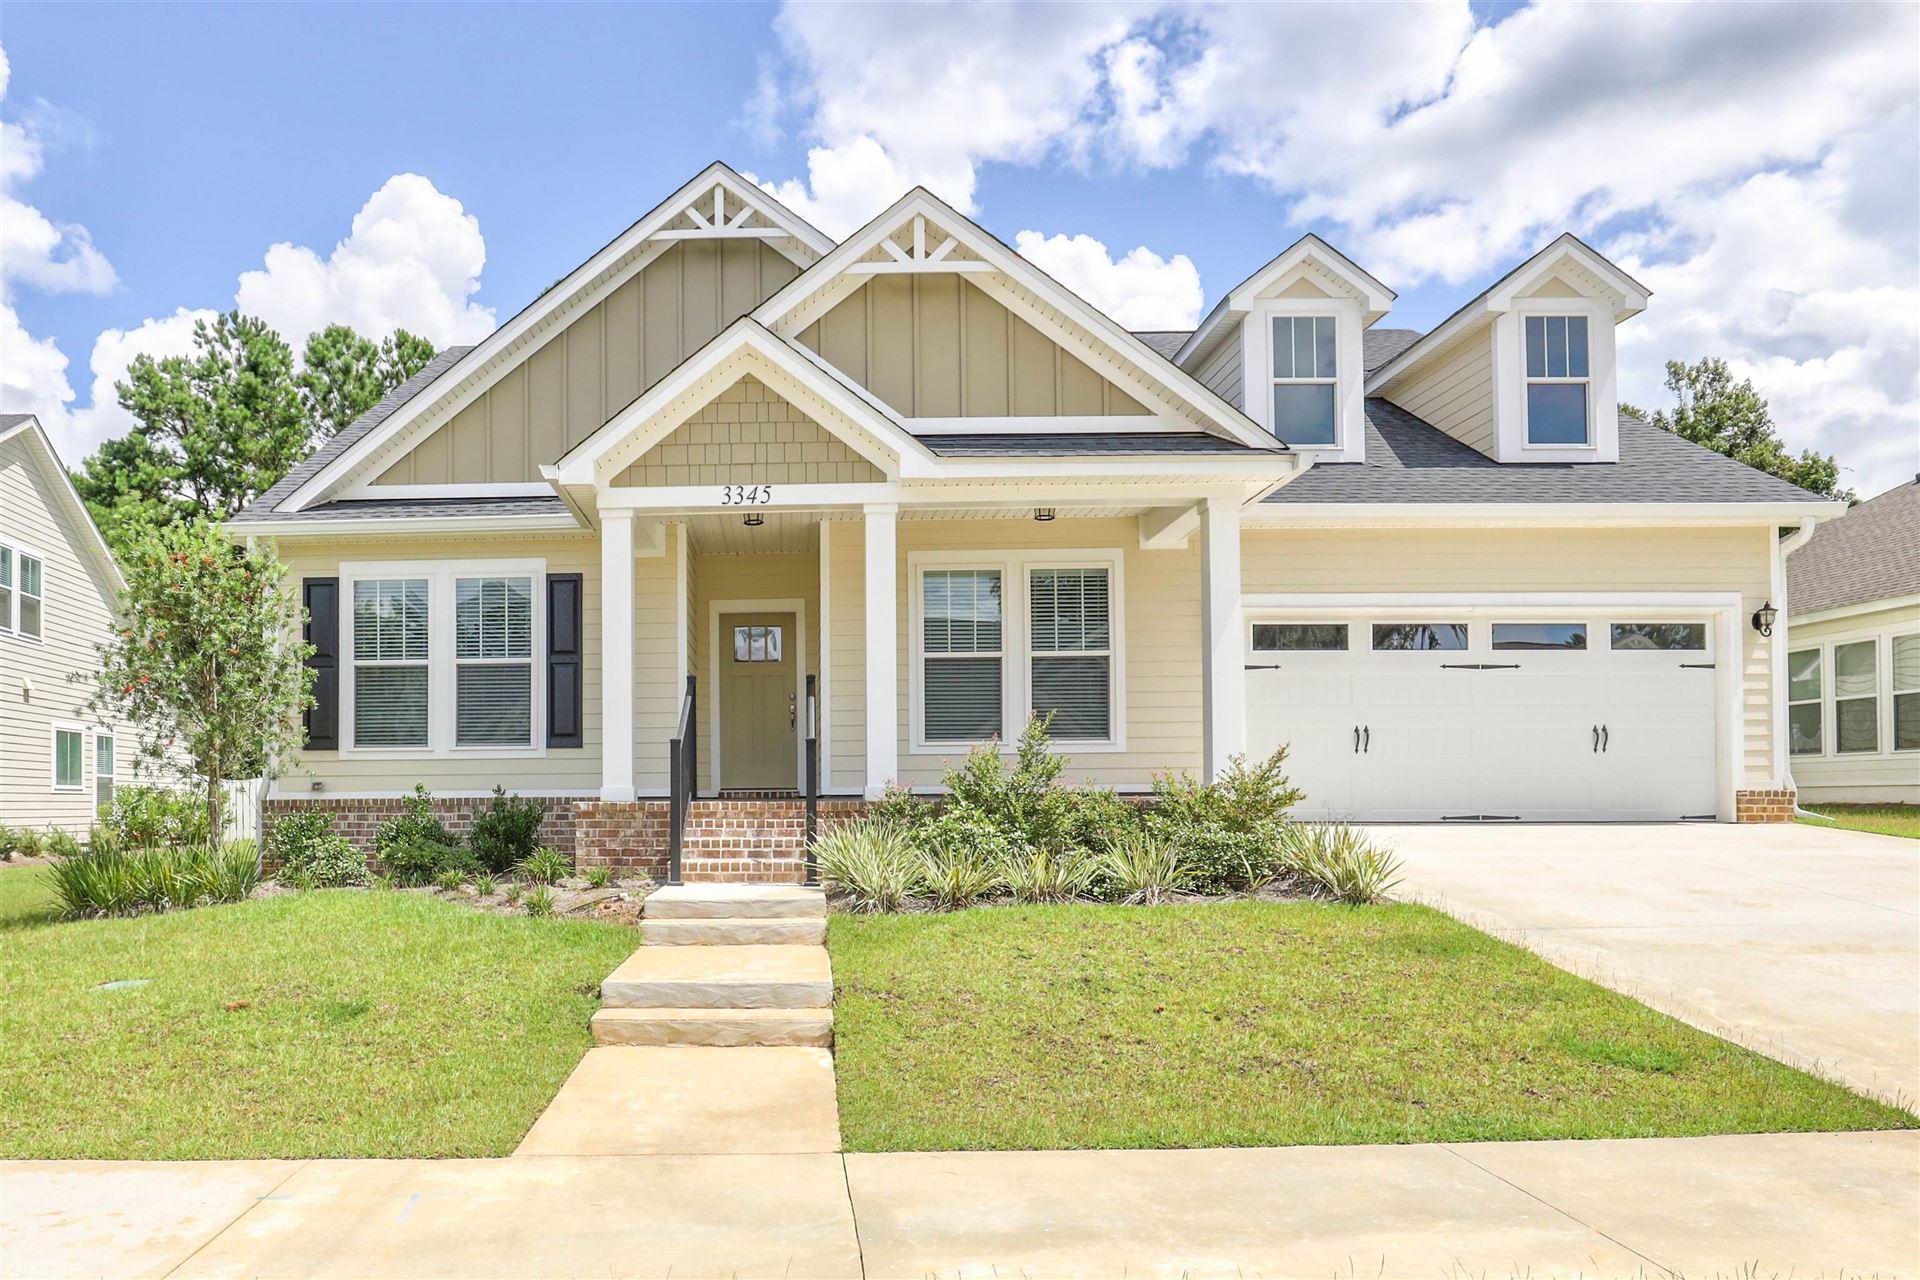 XXXXXXX Mount Vernon Lane, Tallahassee, FL 32311 - MLS#: 337243